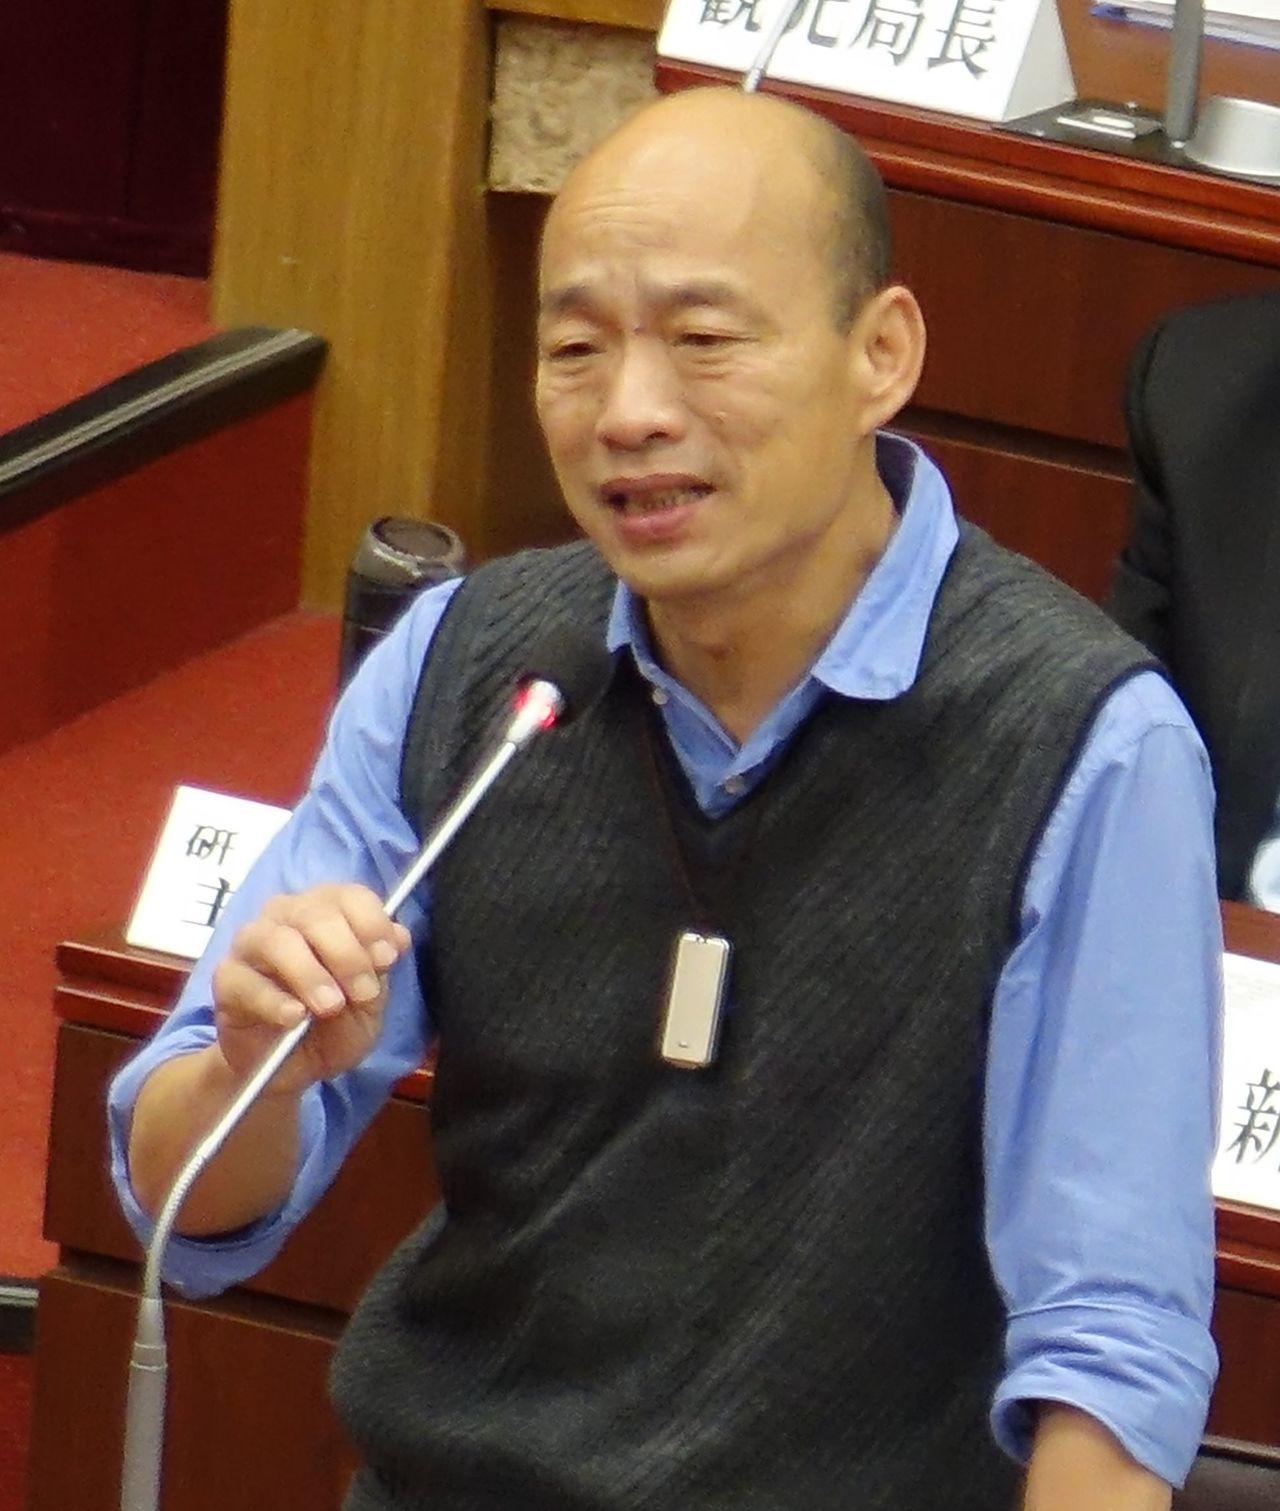 高雄市長韓國瑜今天表示,如果高雄的經濟發展起來,打造成萬商雲集,未來10年的人口...